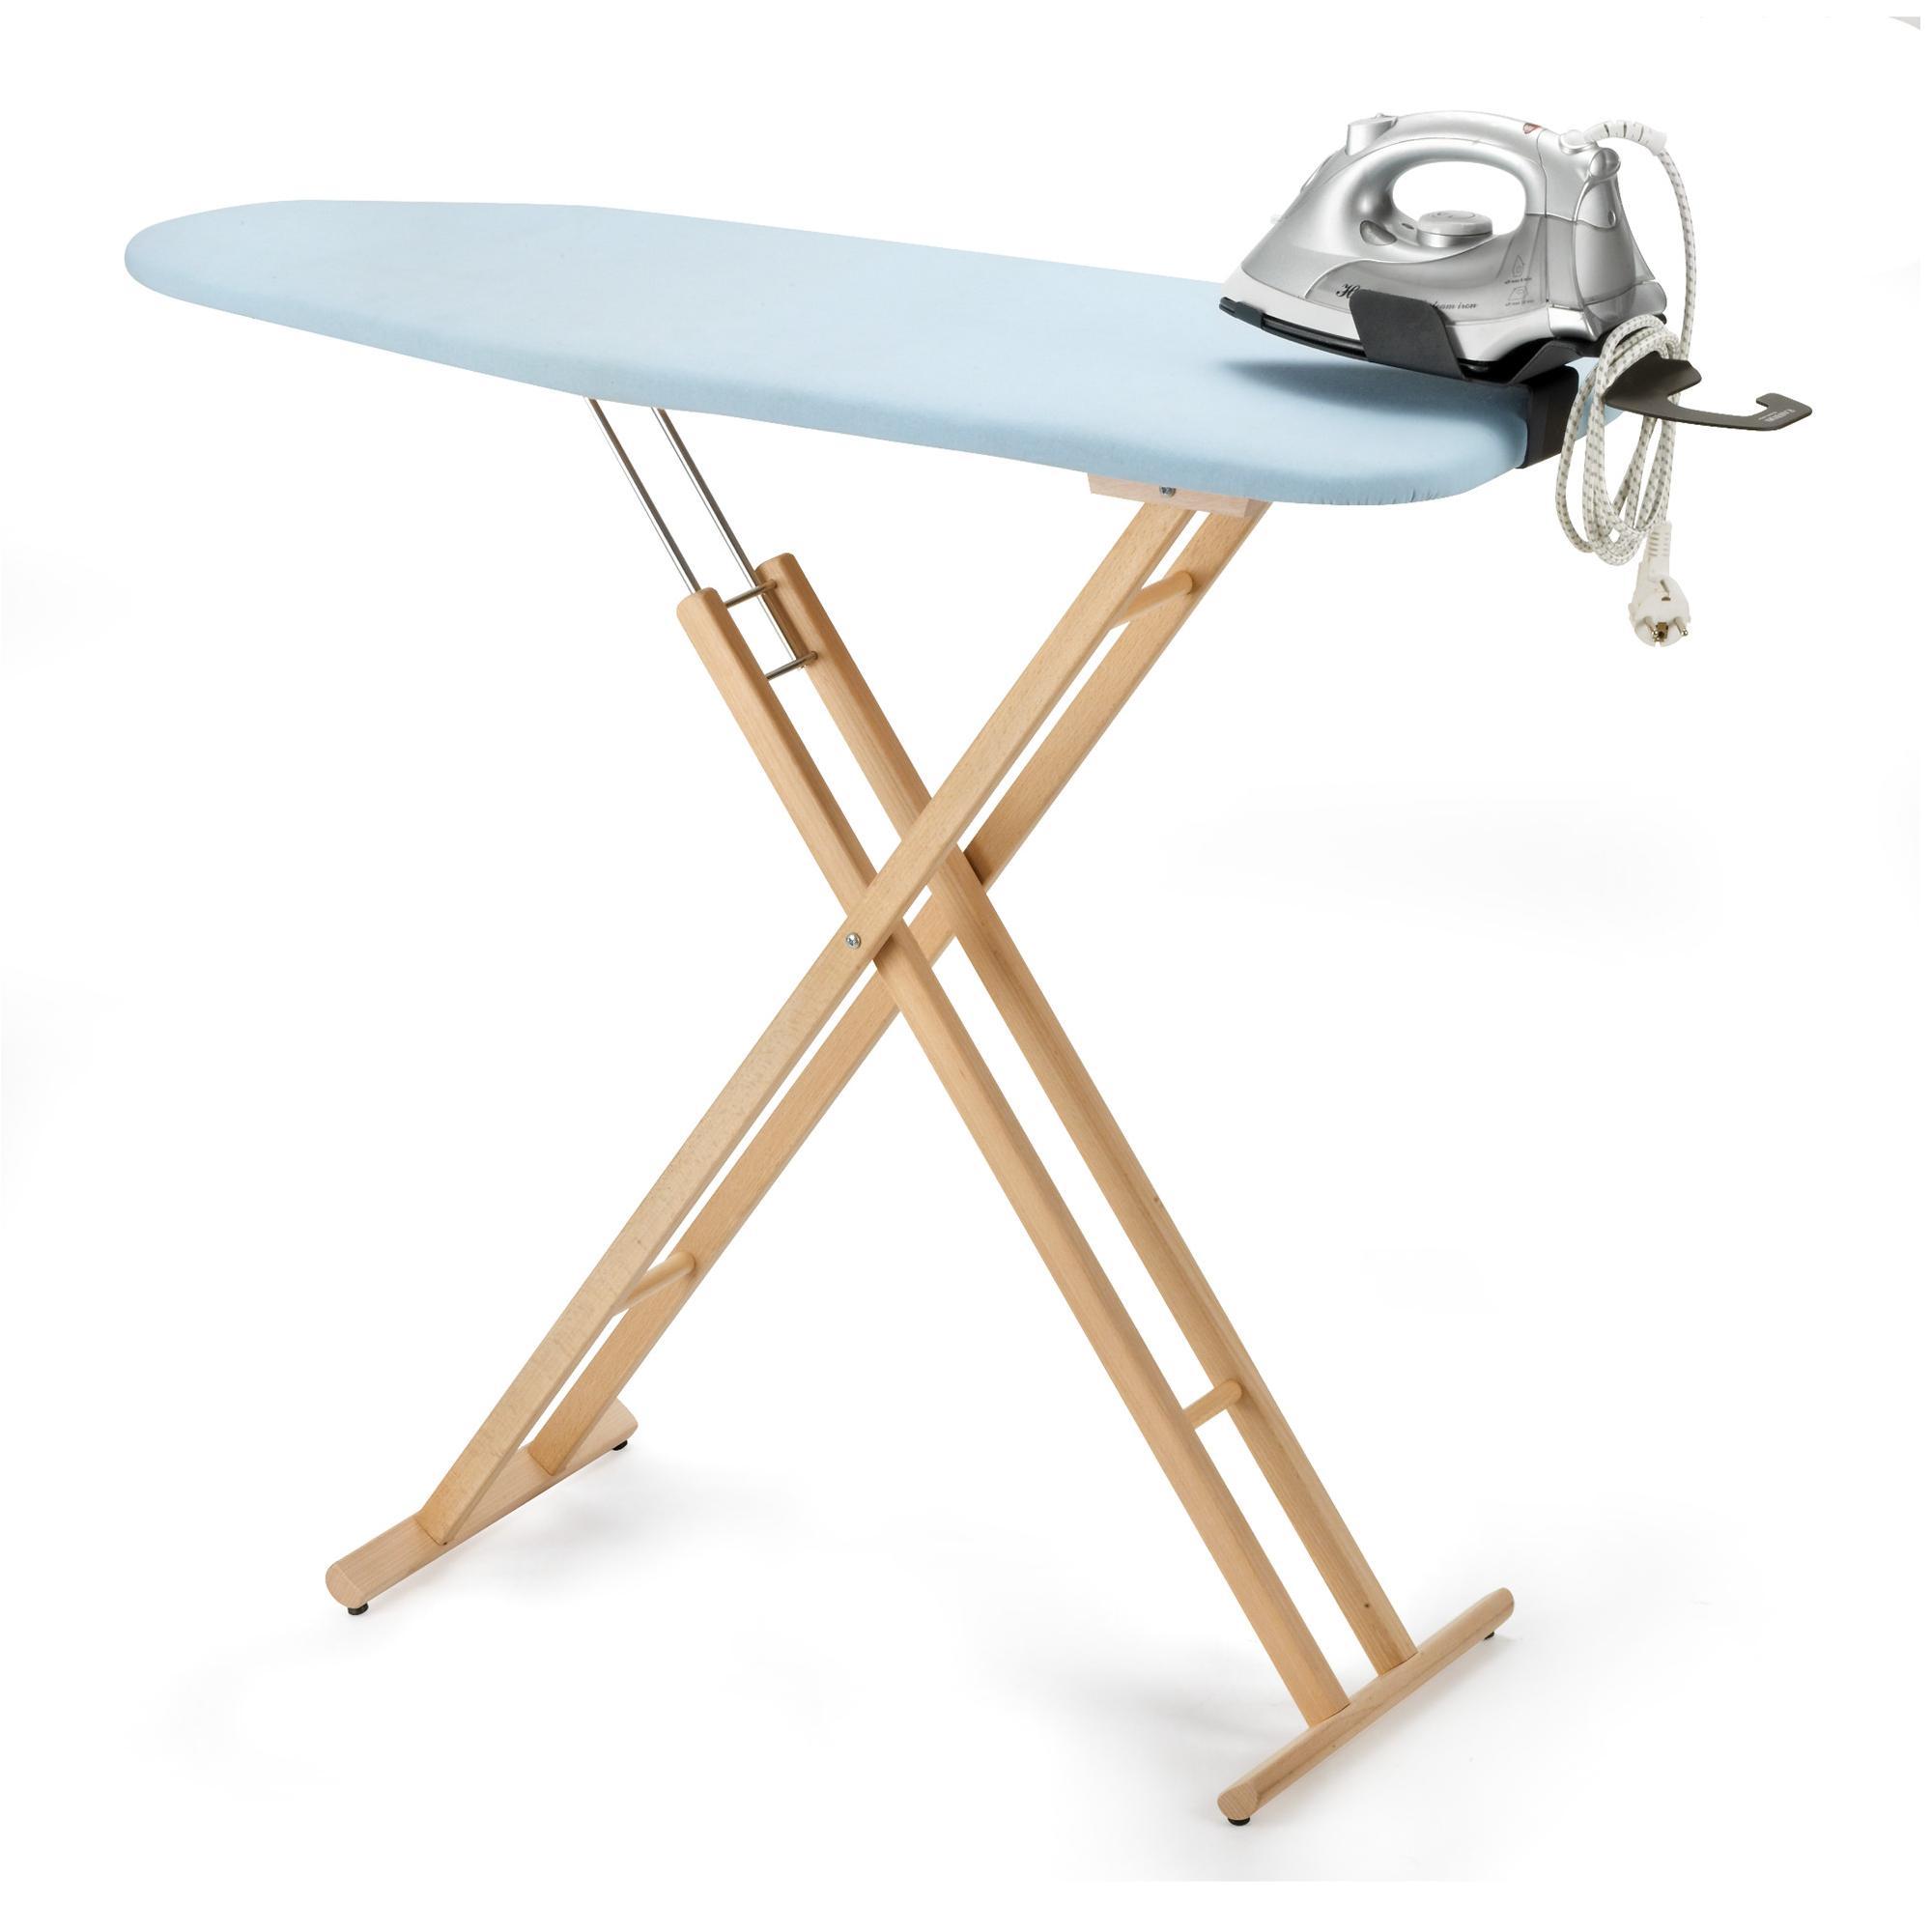 Asse da stiro pieghevole da tavolo in legno peso kg ferro da stiro incluso aris italy - Asse da stiro da parete ...